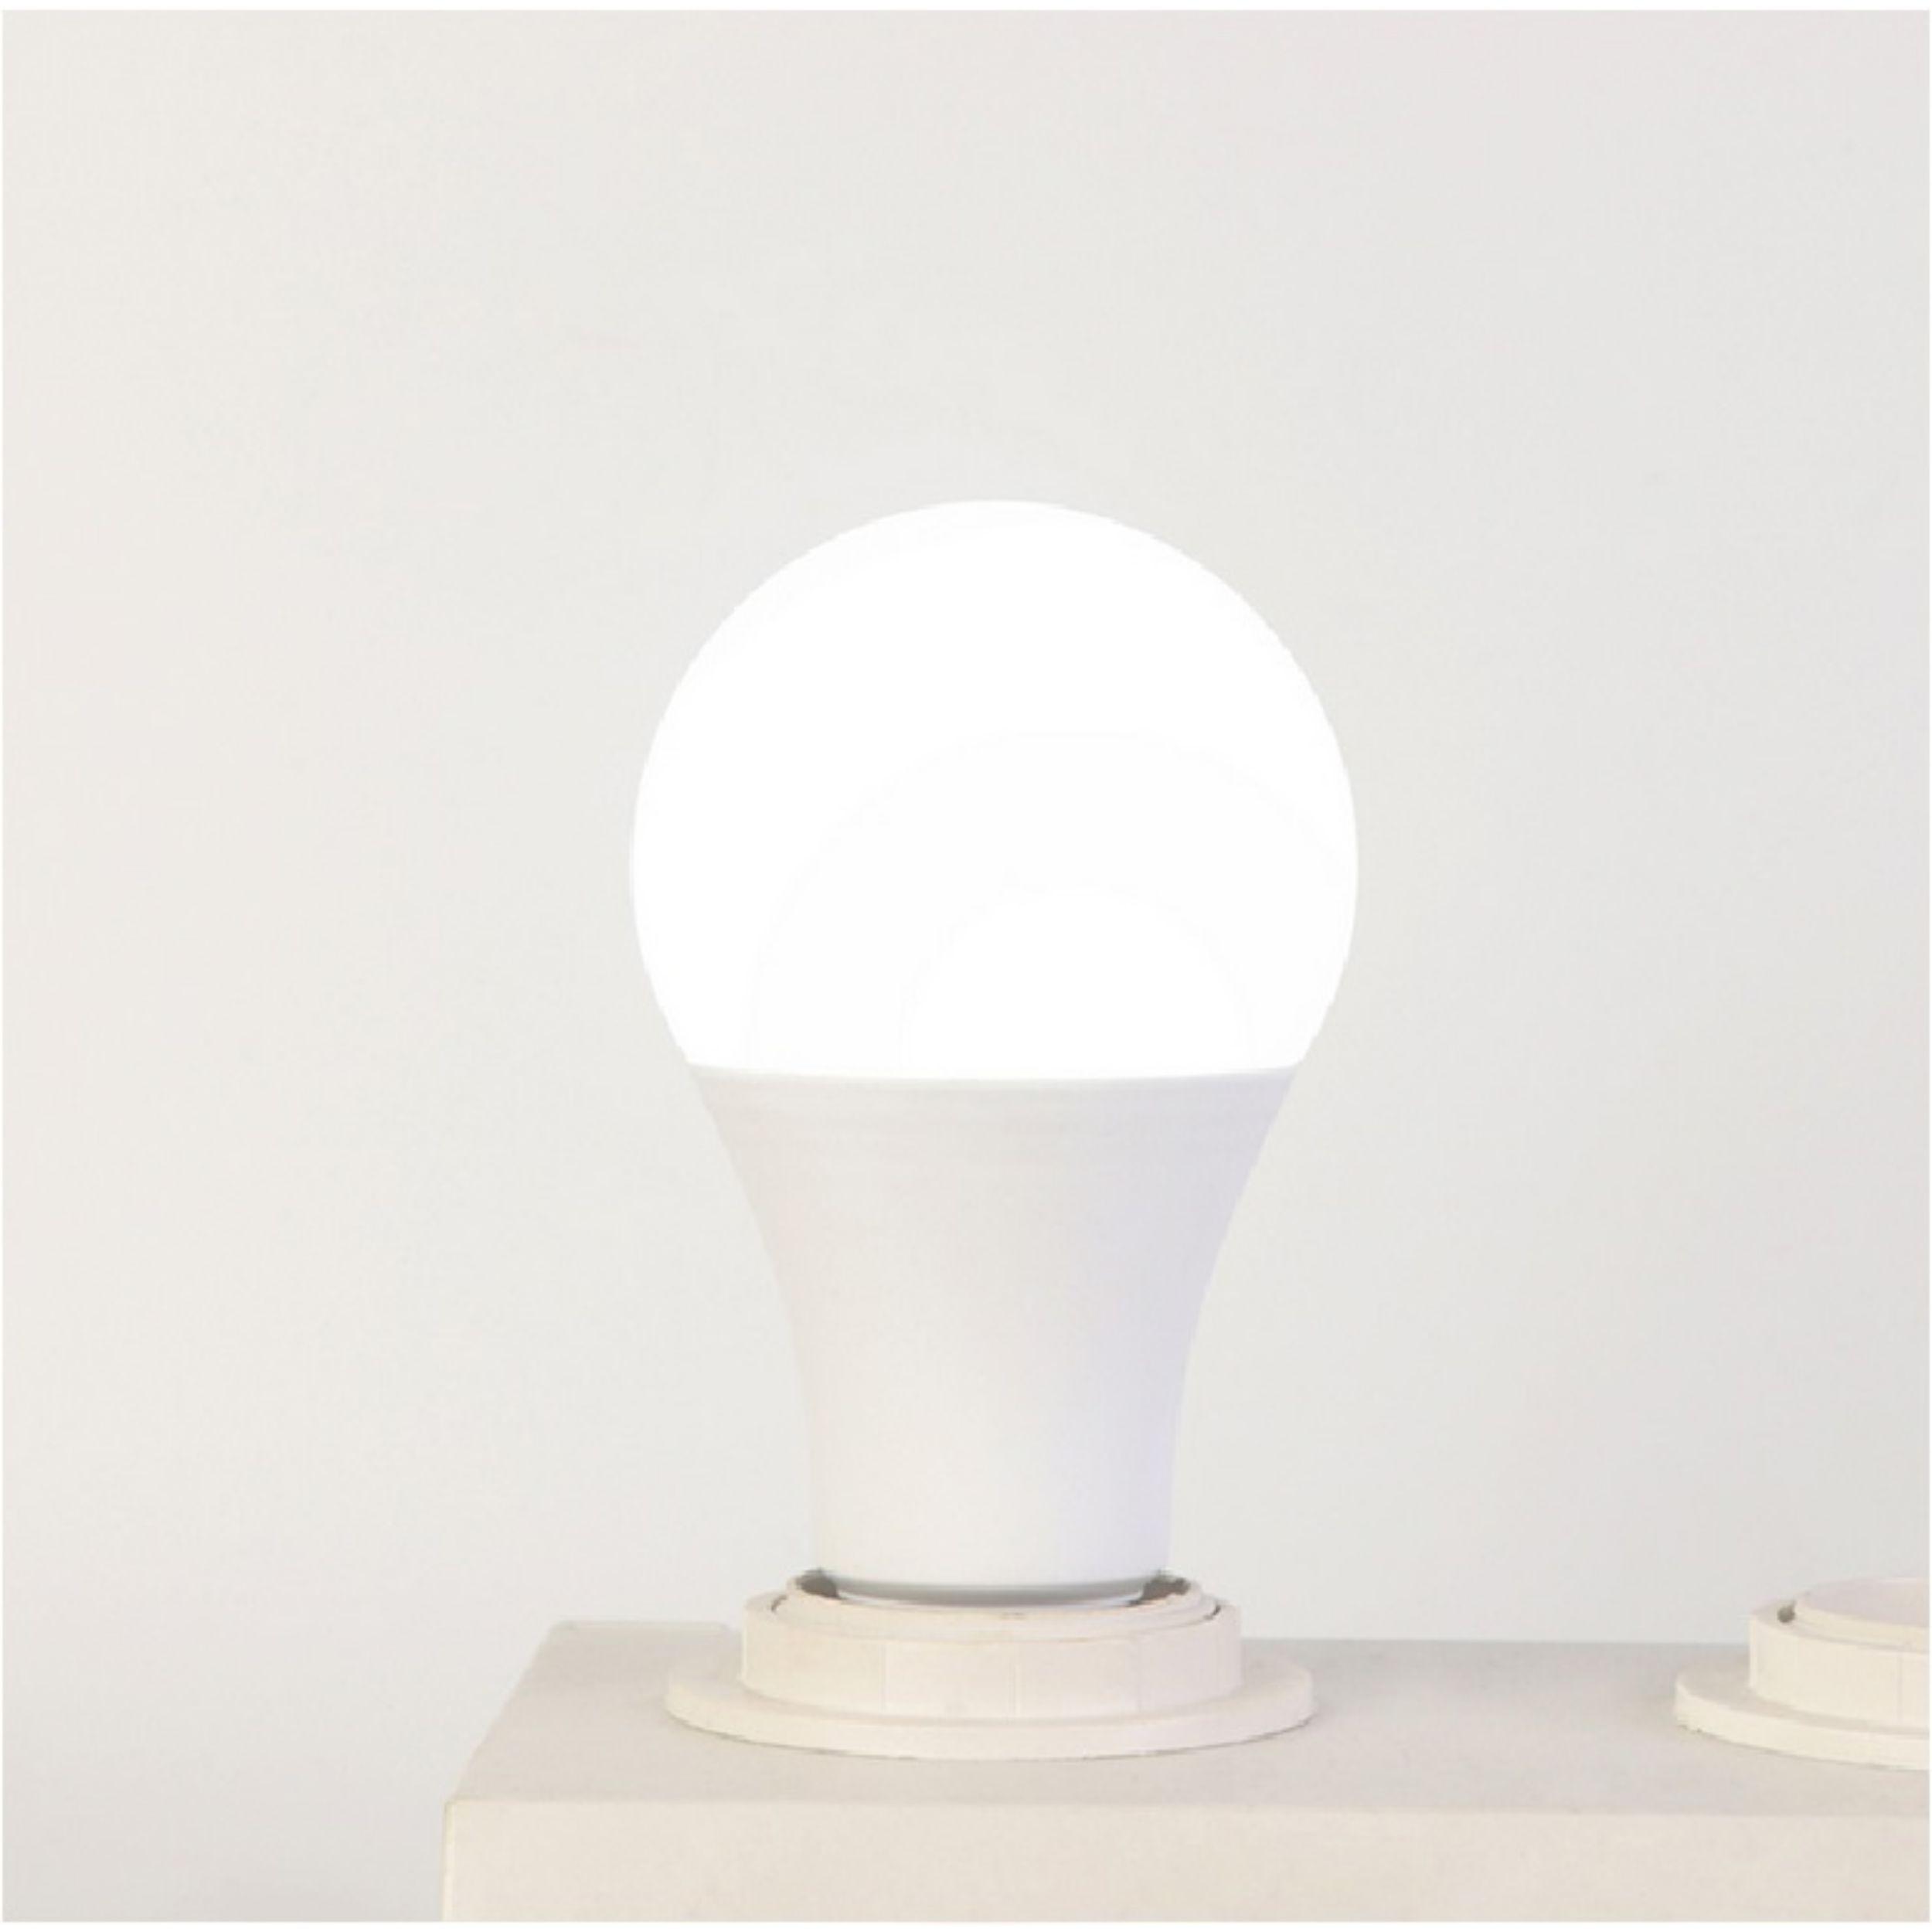 لامپ ال ای دی 15 وات سی ام آ مدل C1-5k پایه E27 بسته 40 عددی